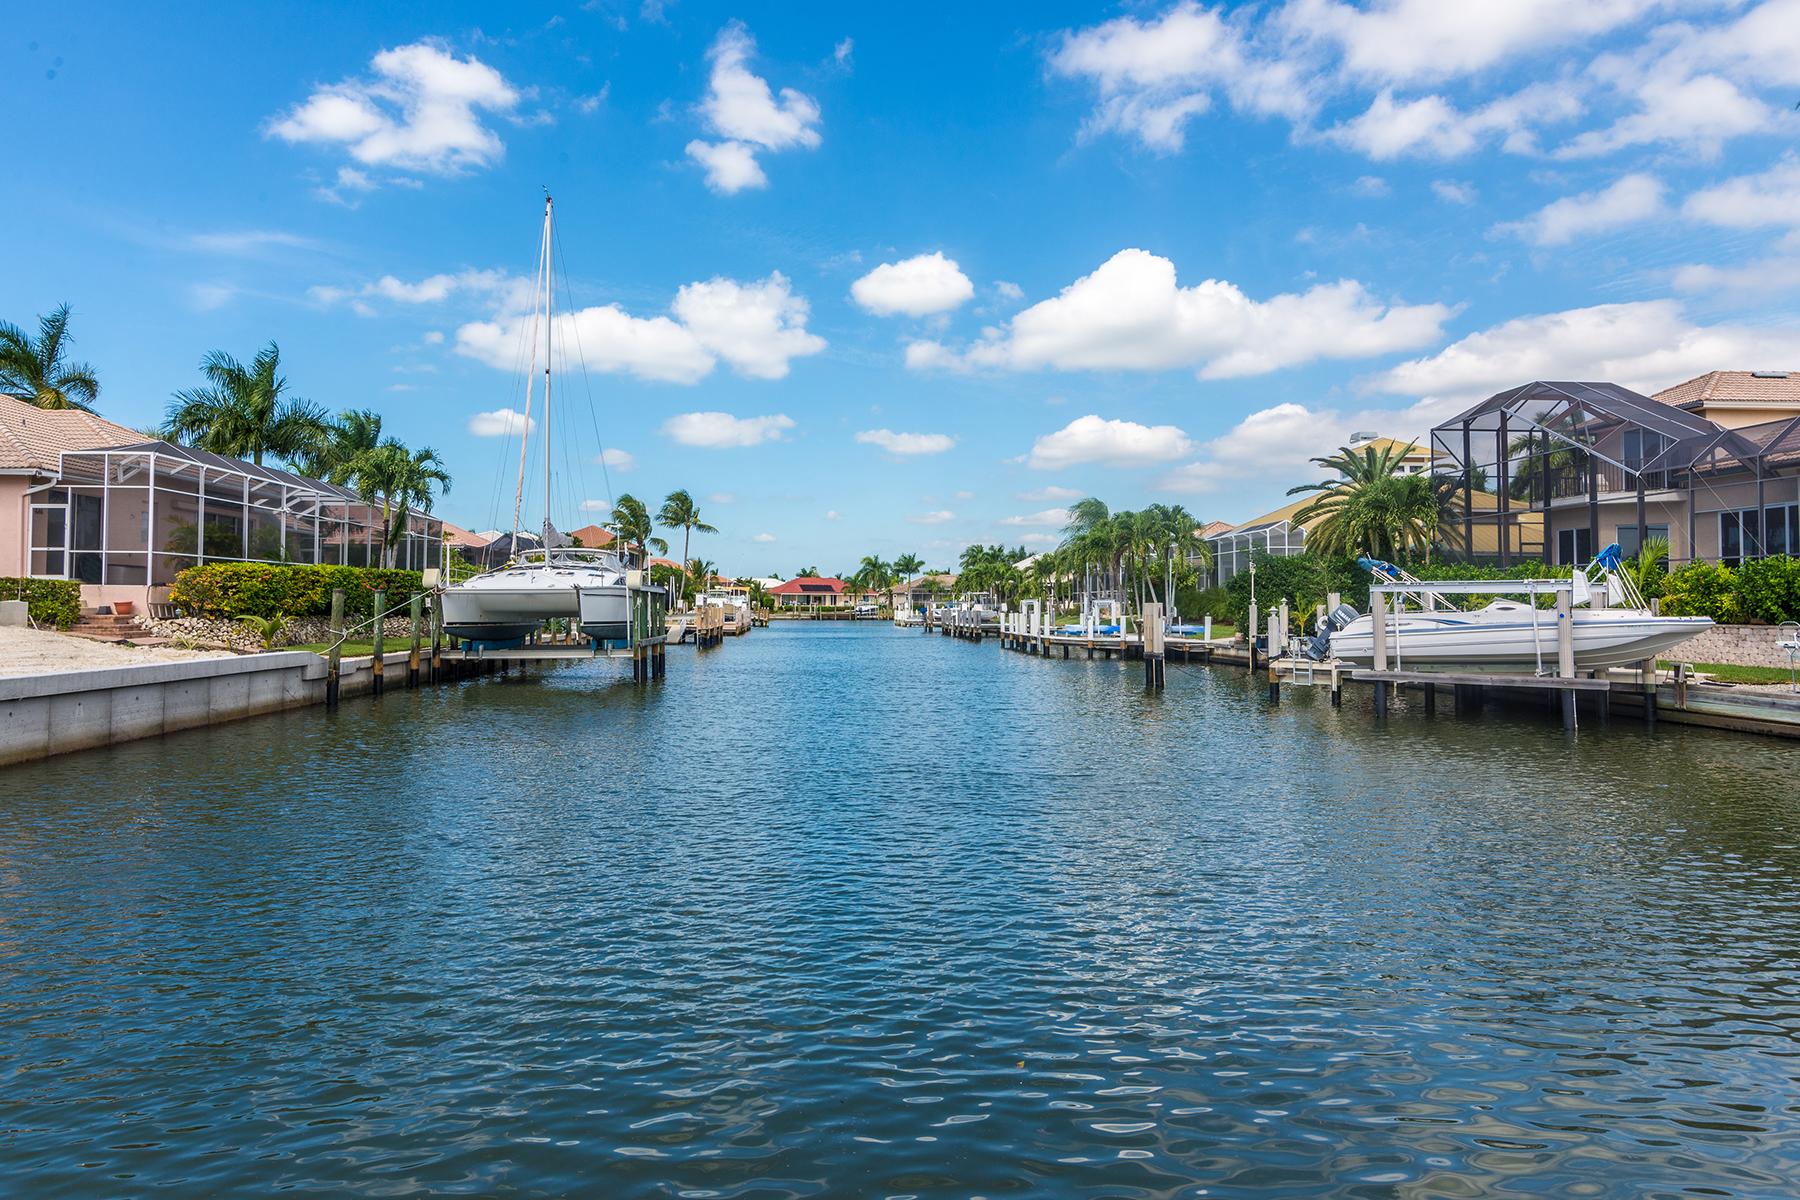 Terreno por un Venta en MARCO ISLAND - CRESCENT STREET 672 Crescent St Marco Island, Florida 34145 Estados Unidos